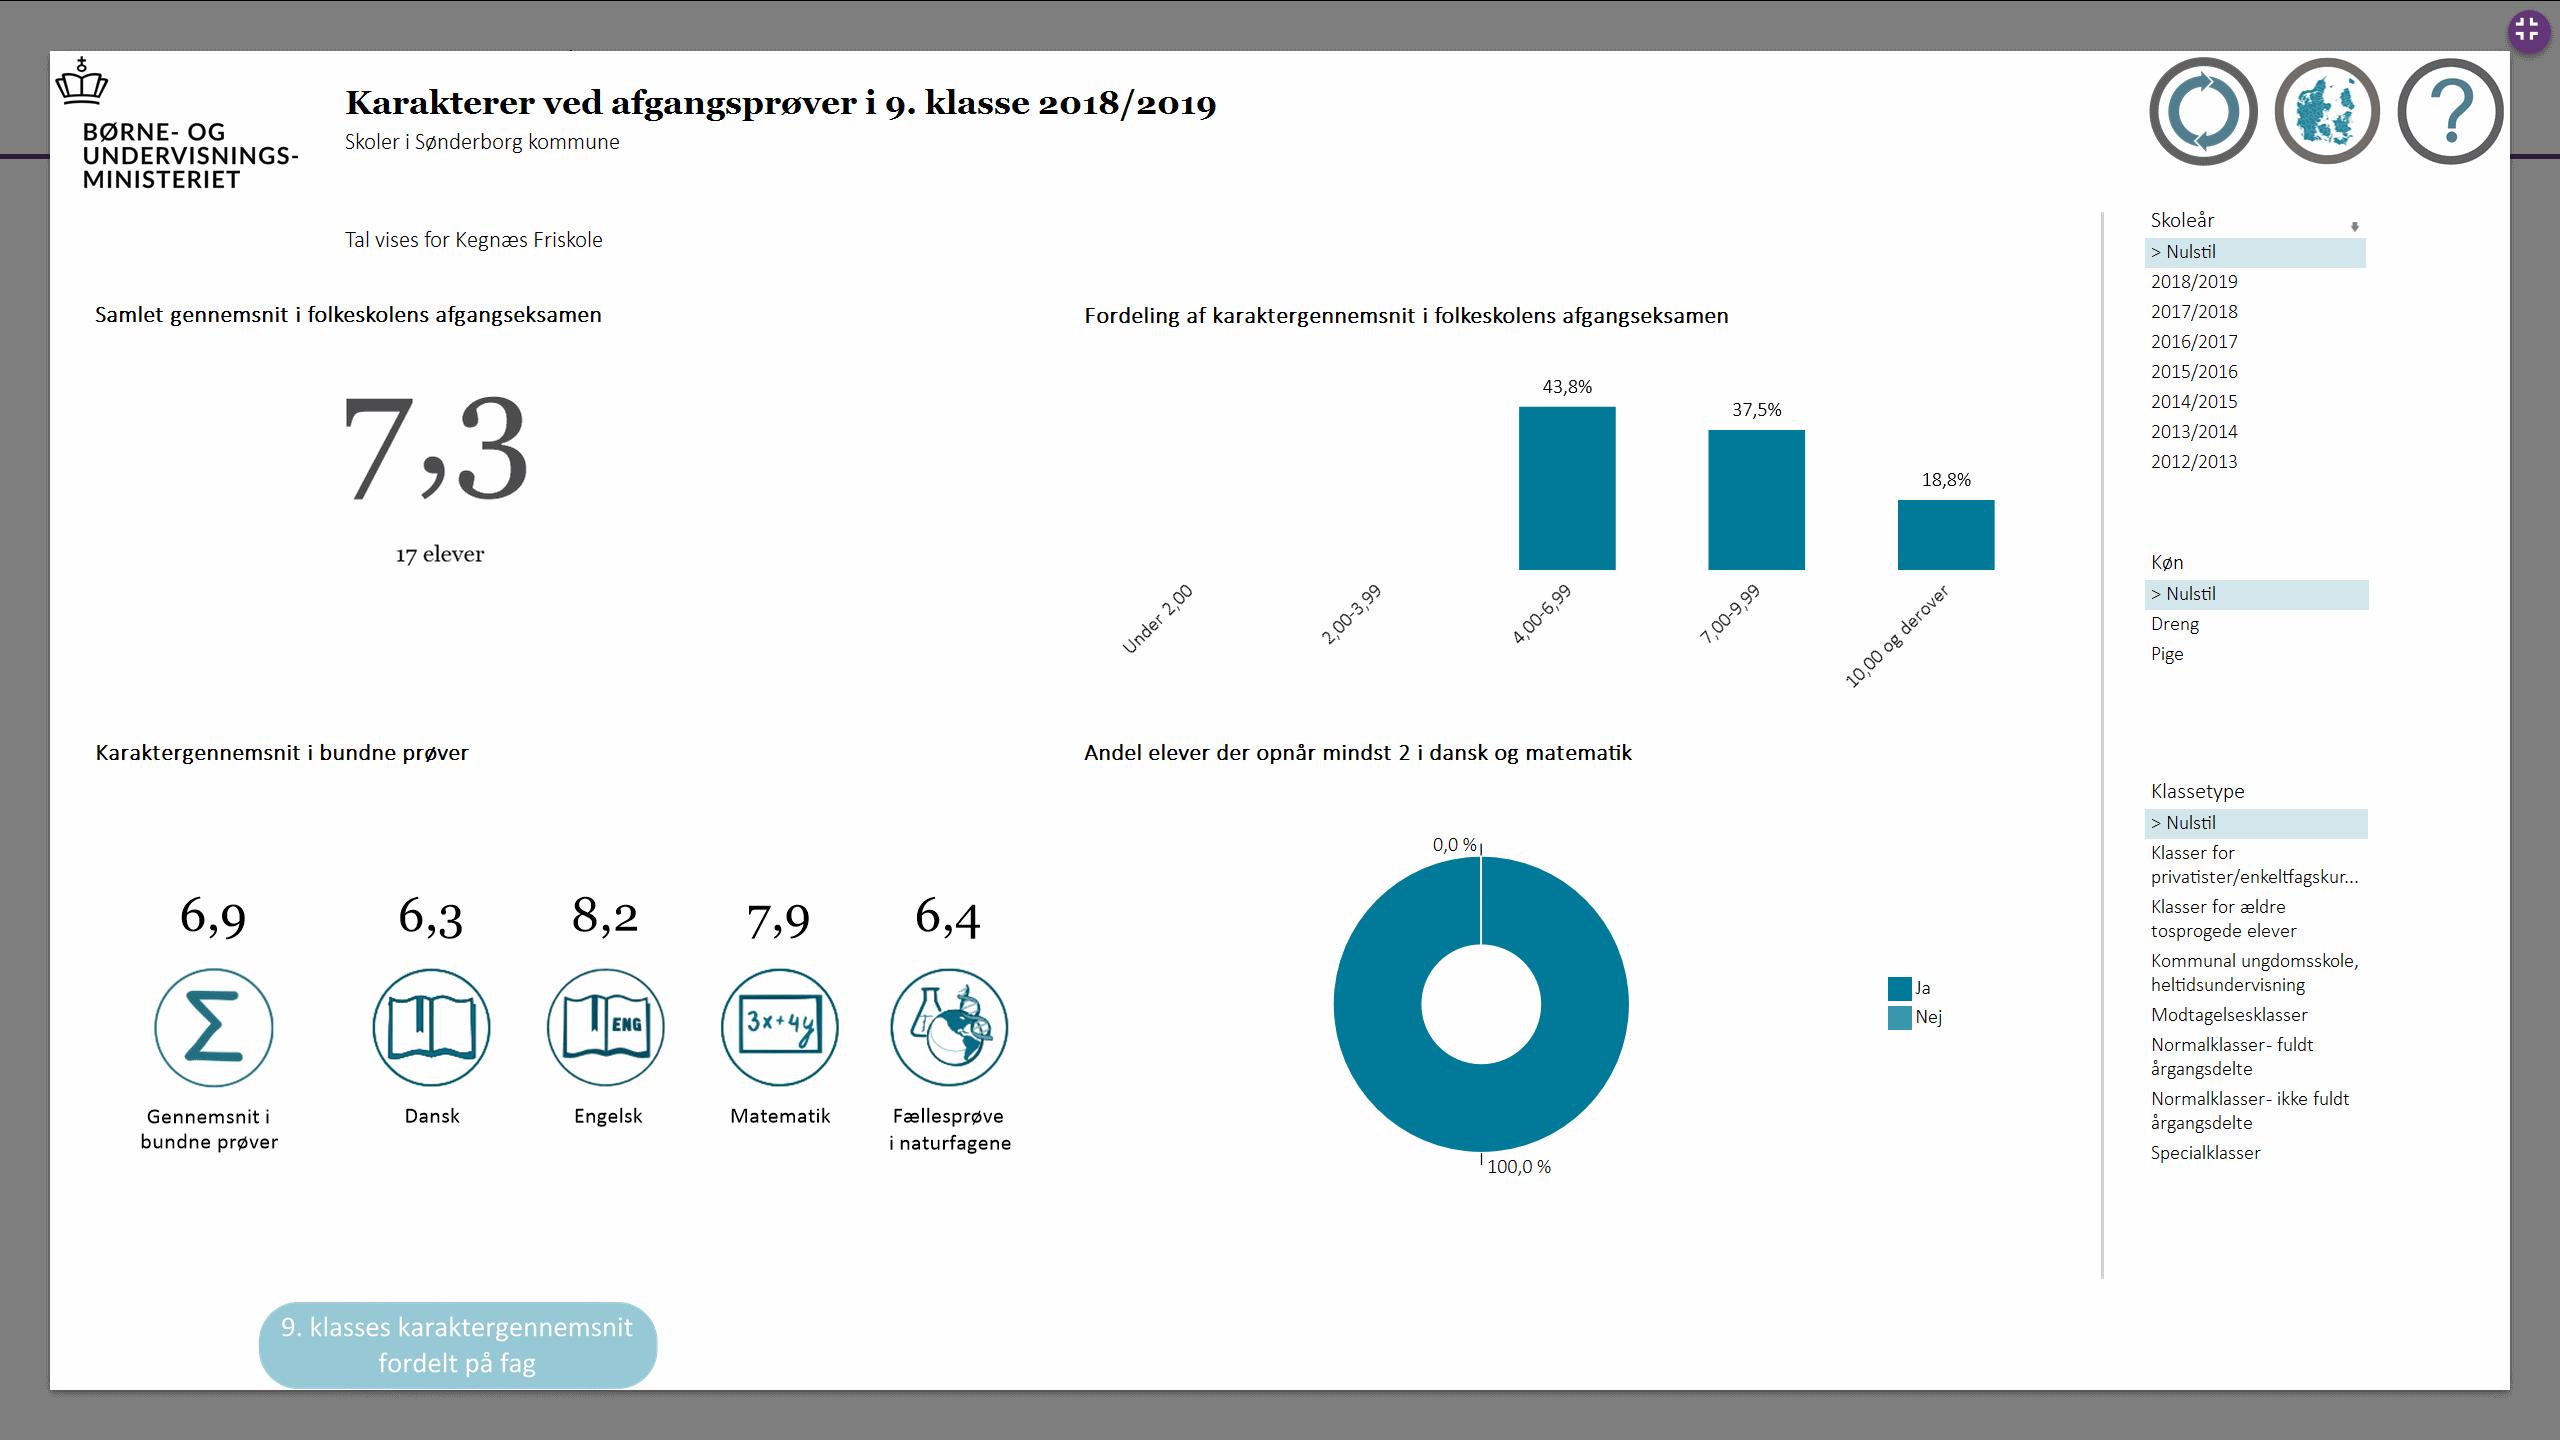 Karakterer ved afgangsprøver i 9. klasse 2018-2019